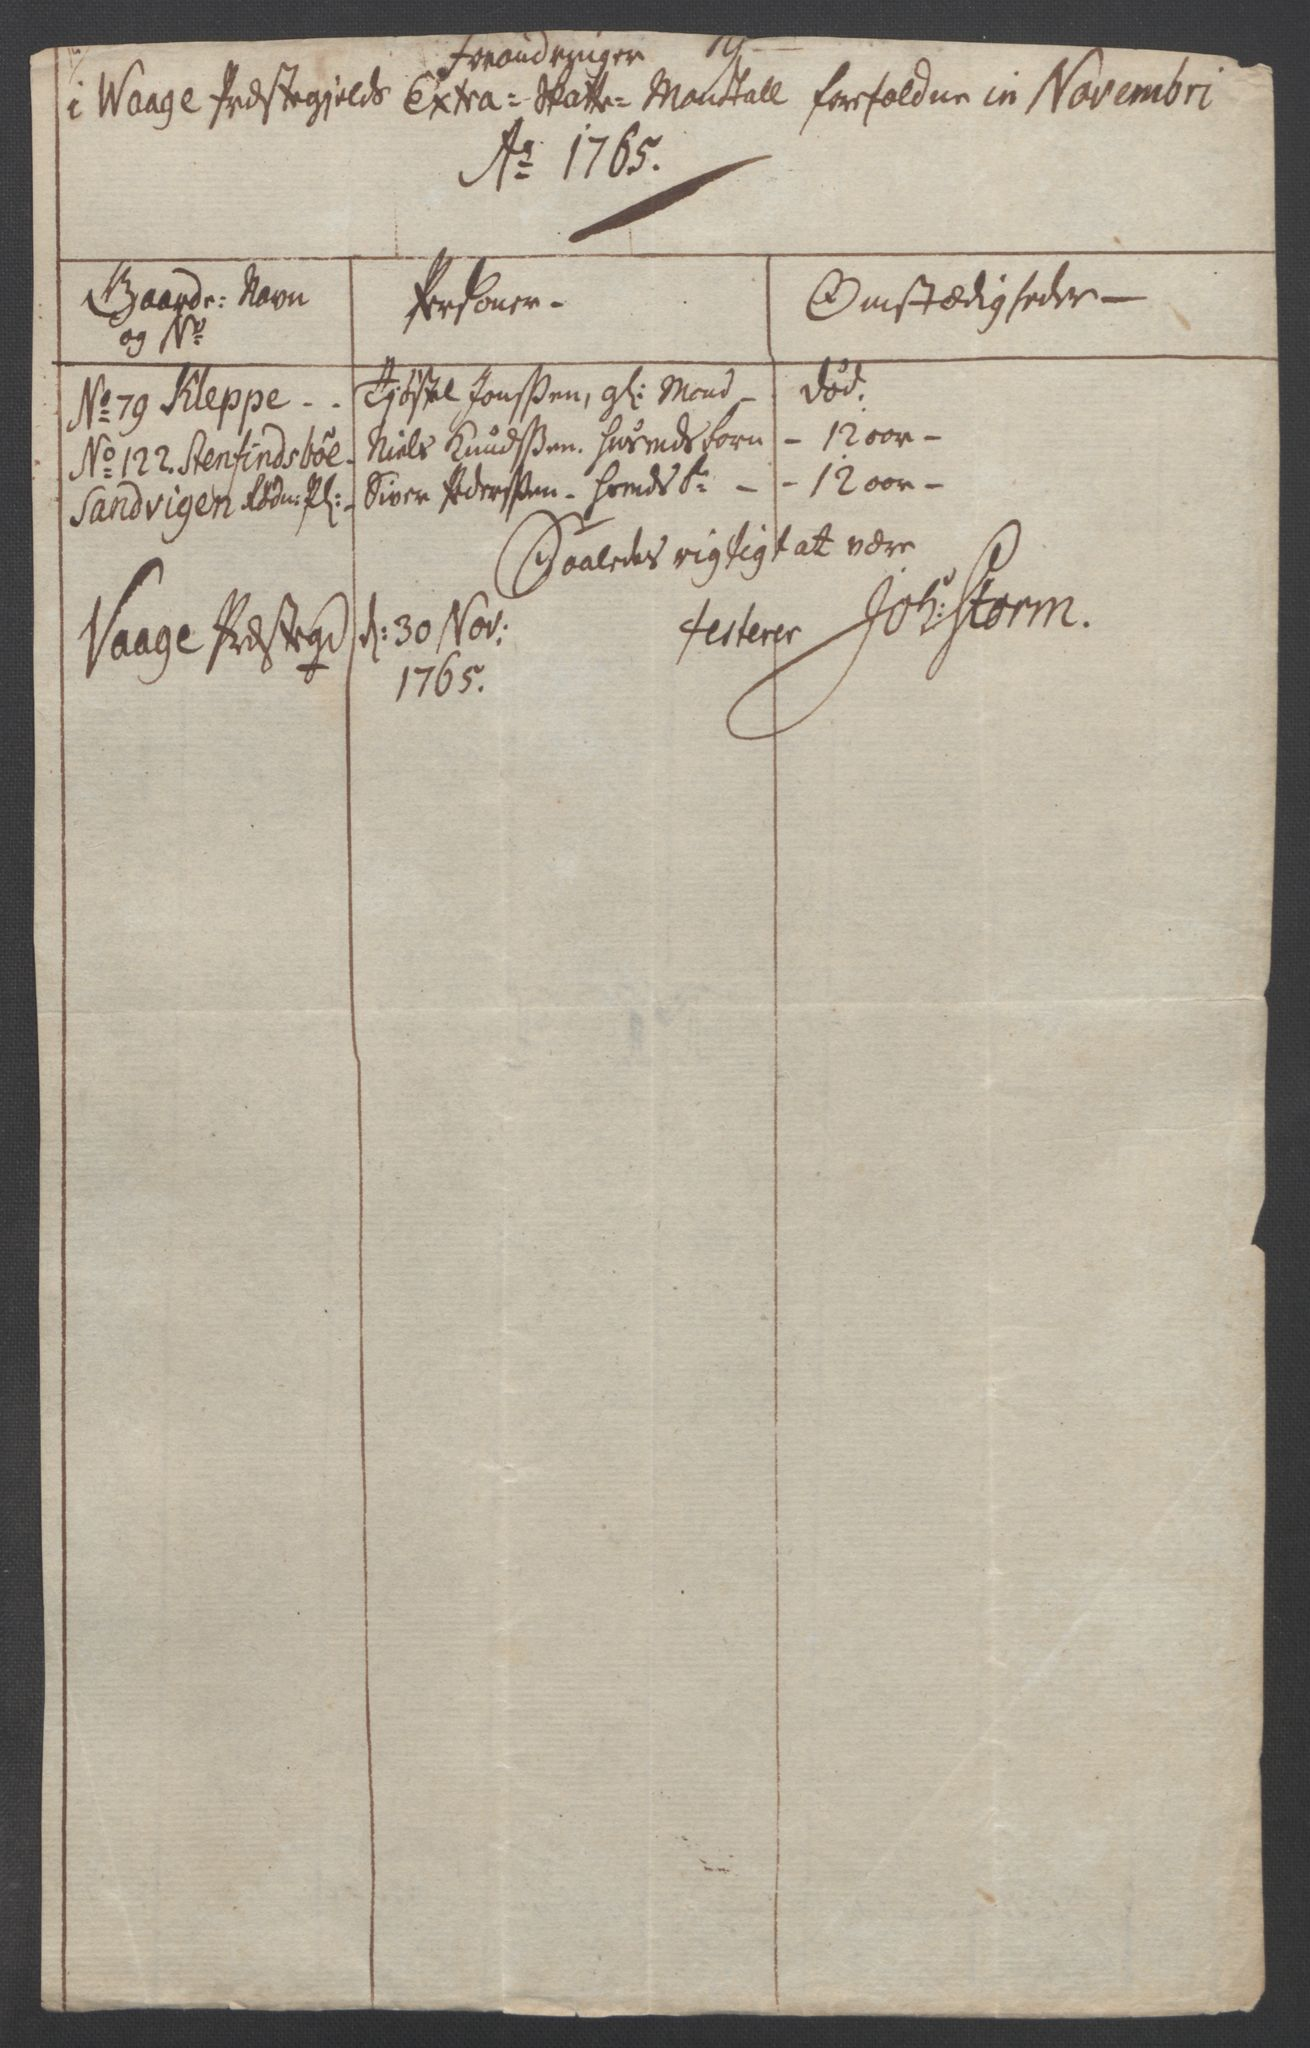 RA, Rentekammeret inntil 1814, Reviderte regnskaper, Fogderegnskap, R17/L1266: Ekstraskatten Gudbrandsdal, 1762-1766, s. 516